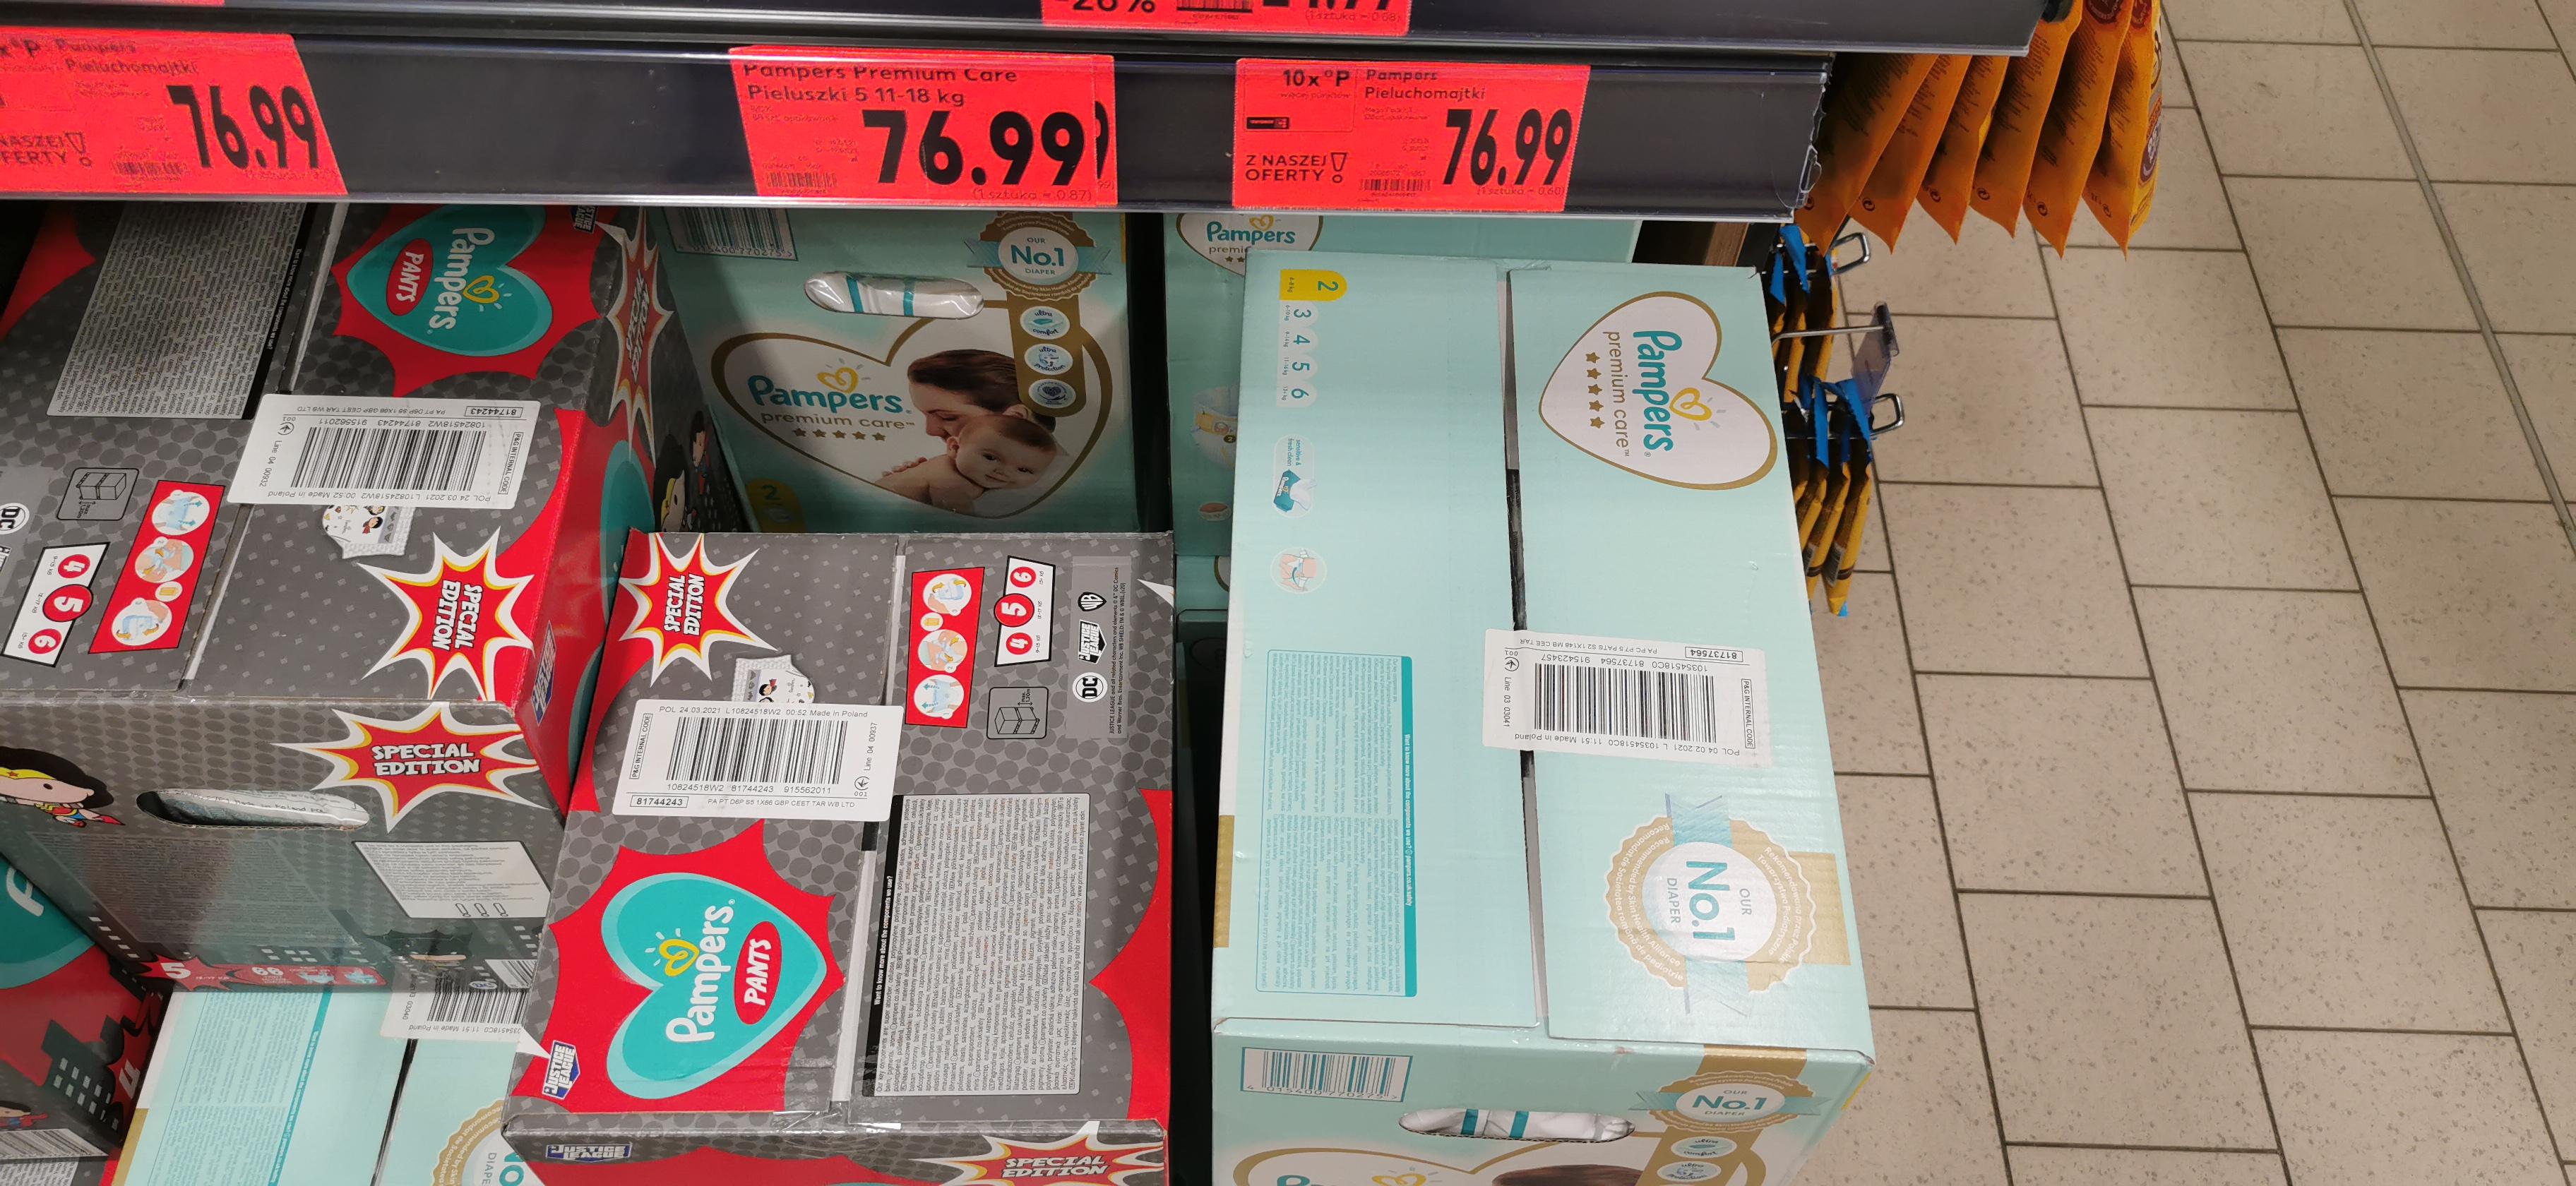 Pieluszki Pampers premium care Kaufland 52gr/szt